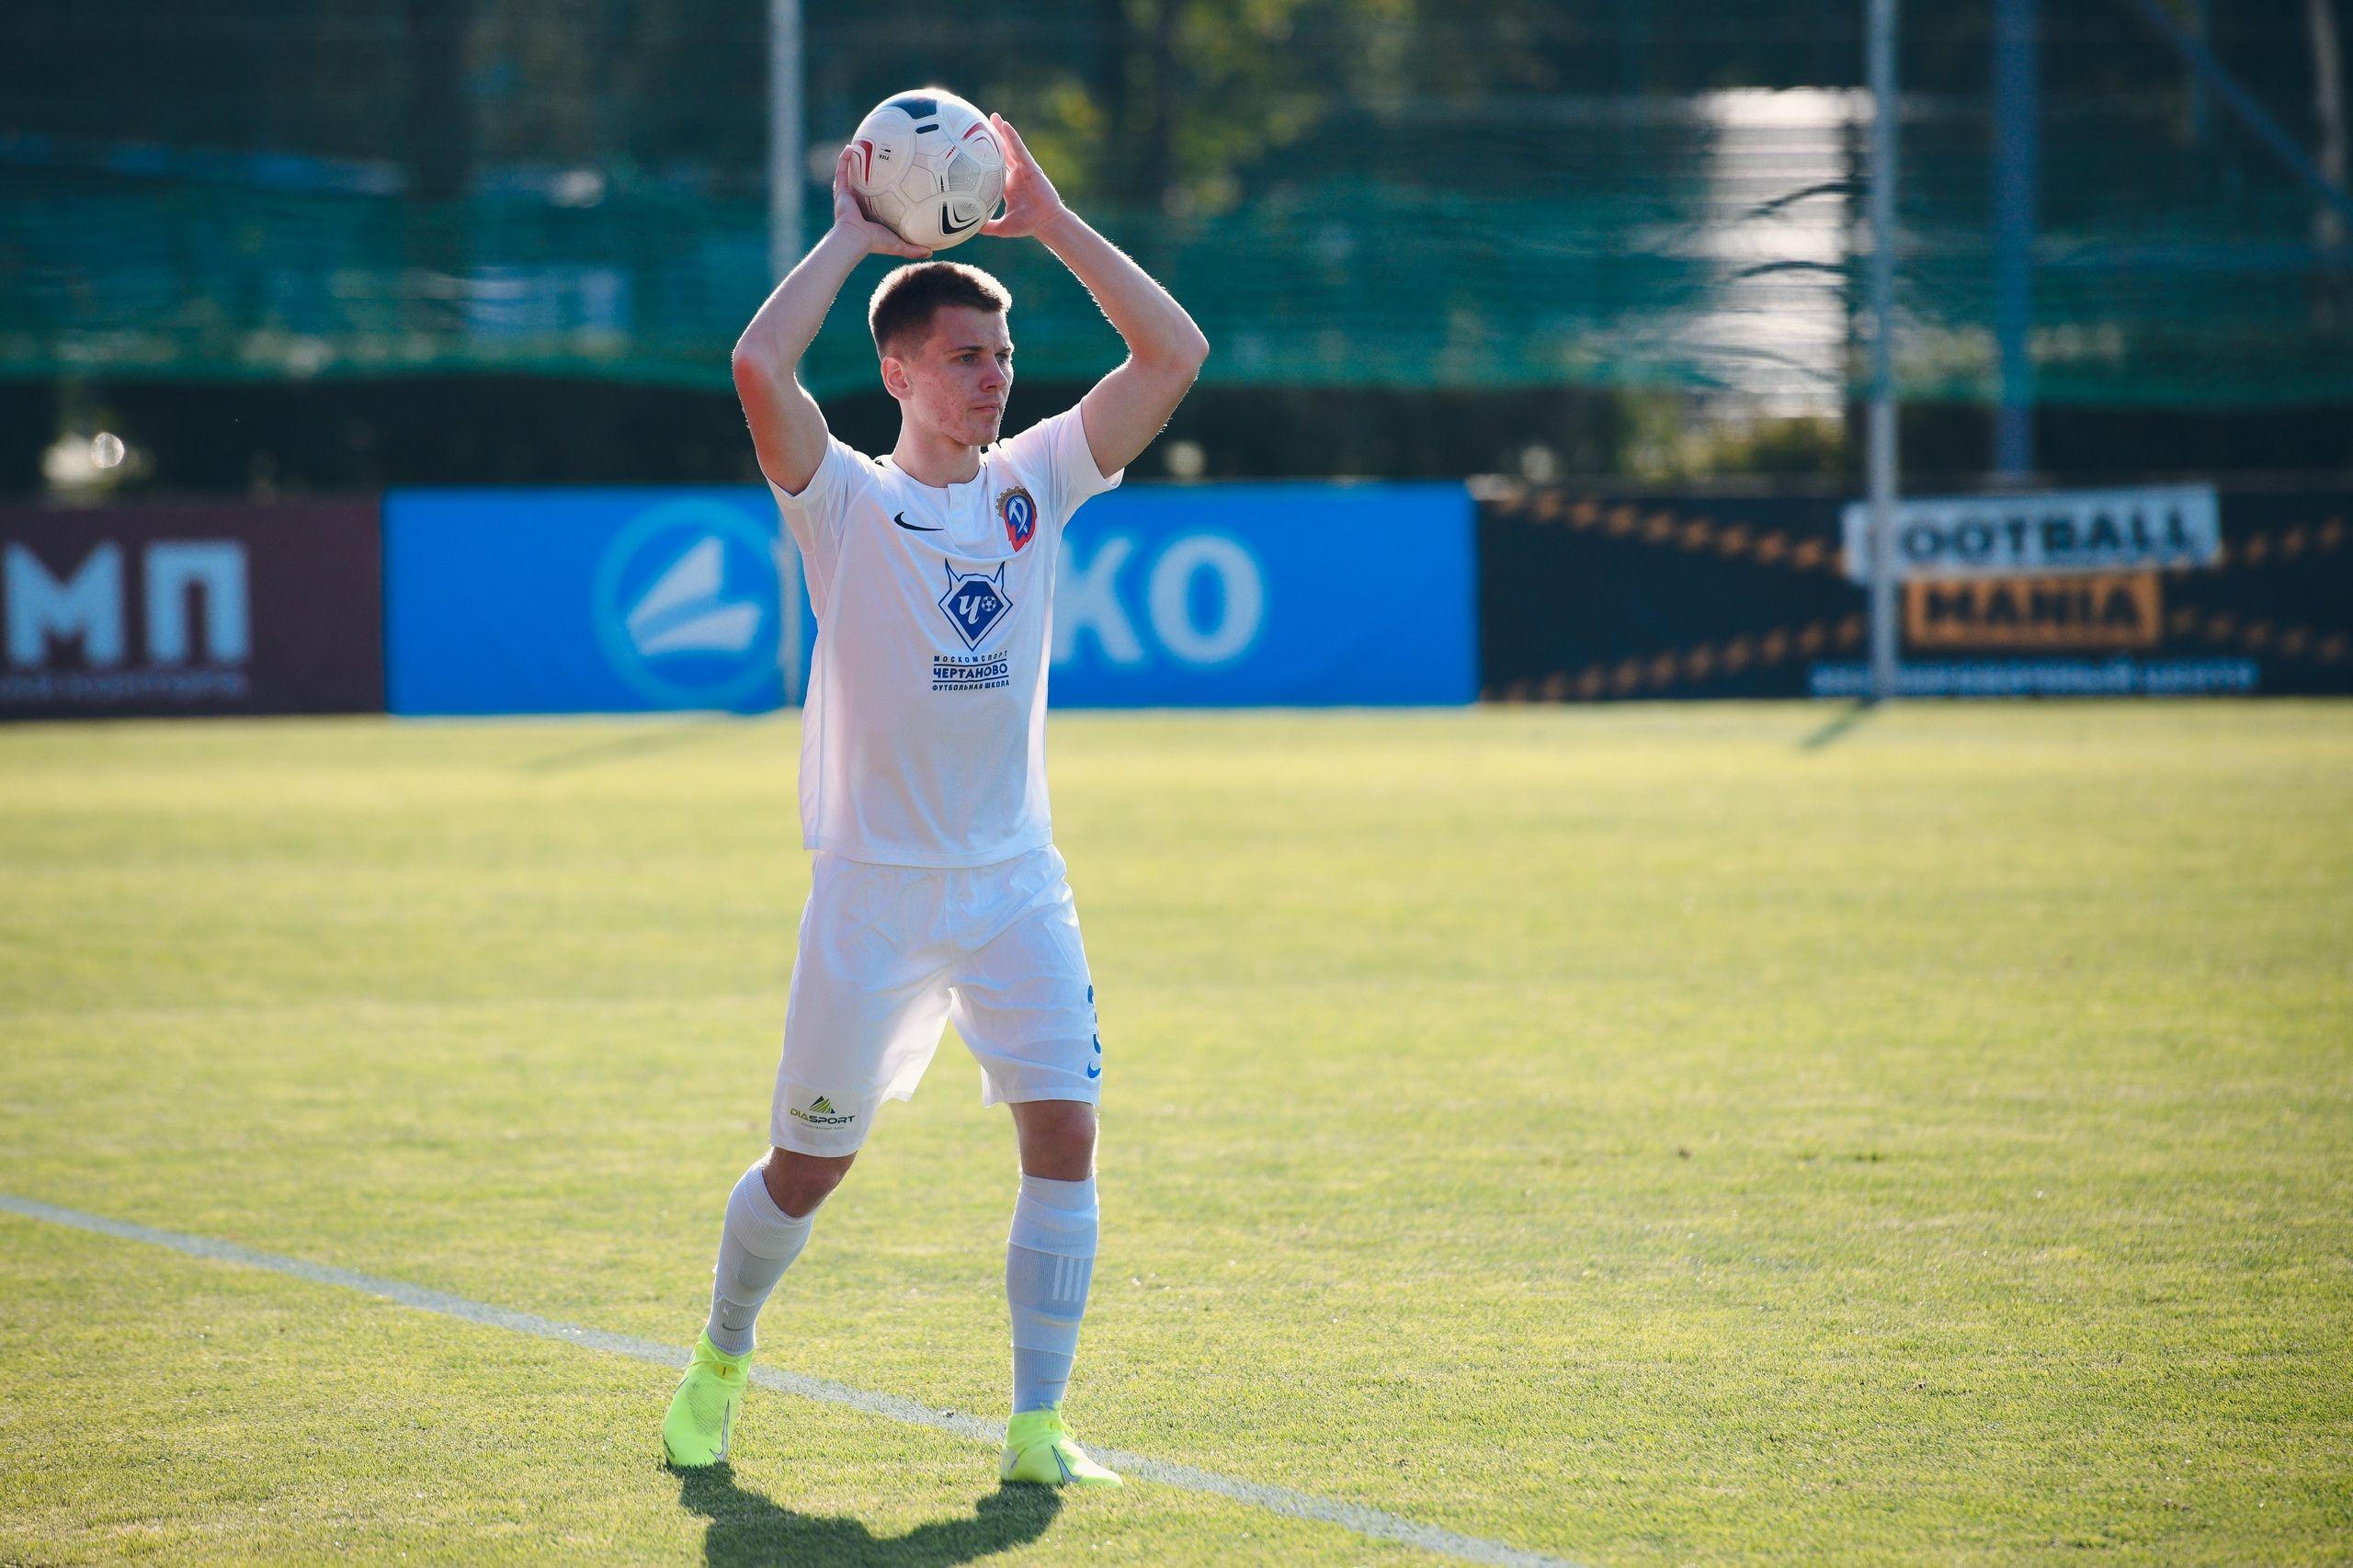 Футболисты «Чертаново» и «Торпедо» встретятся на поле